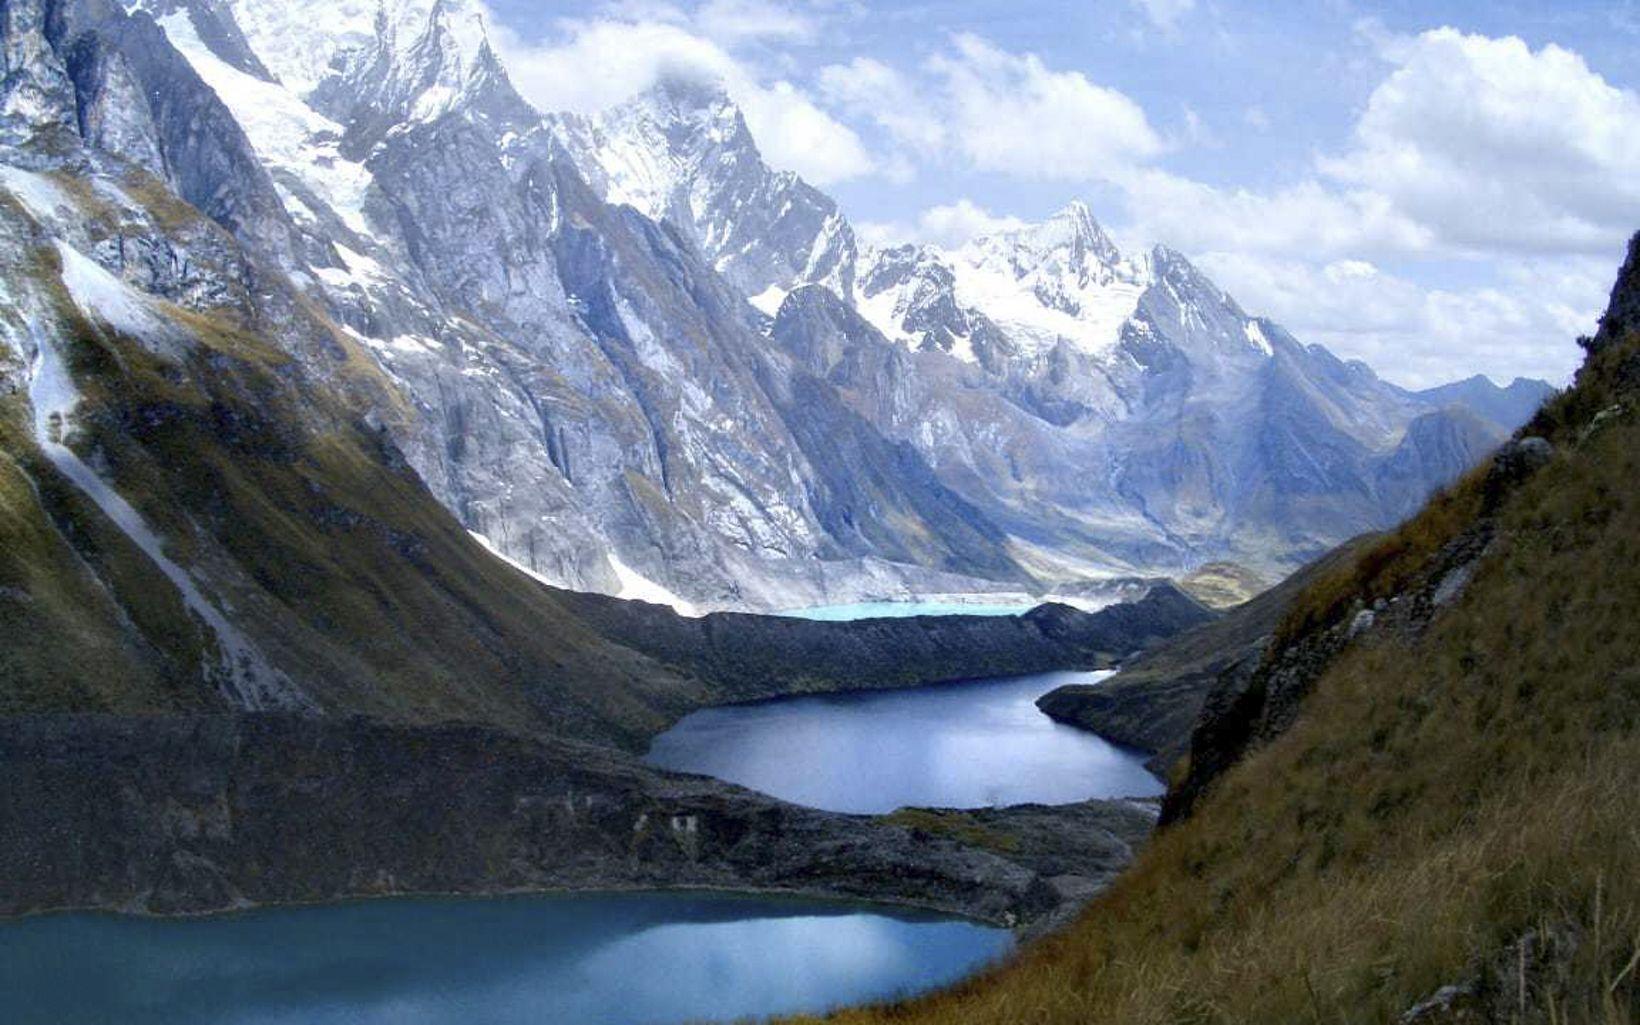 Cordillera Huayhuash  los departamentos de Lima, Ancash y Huánuco, en la sierra central del Perú, a 50 km al sur de la Cordillera Blanca.